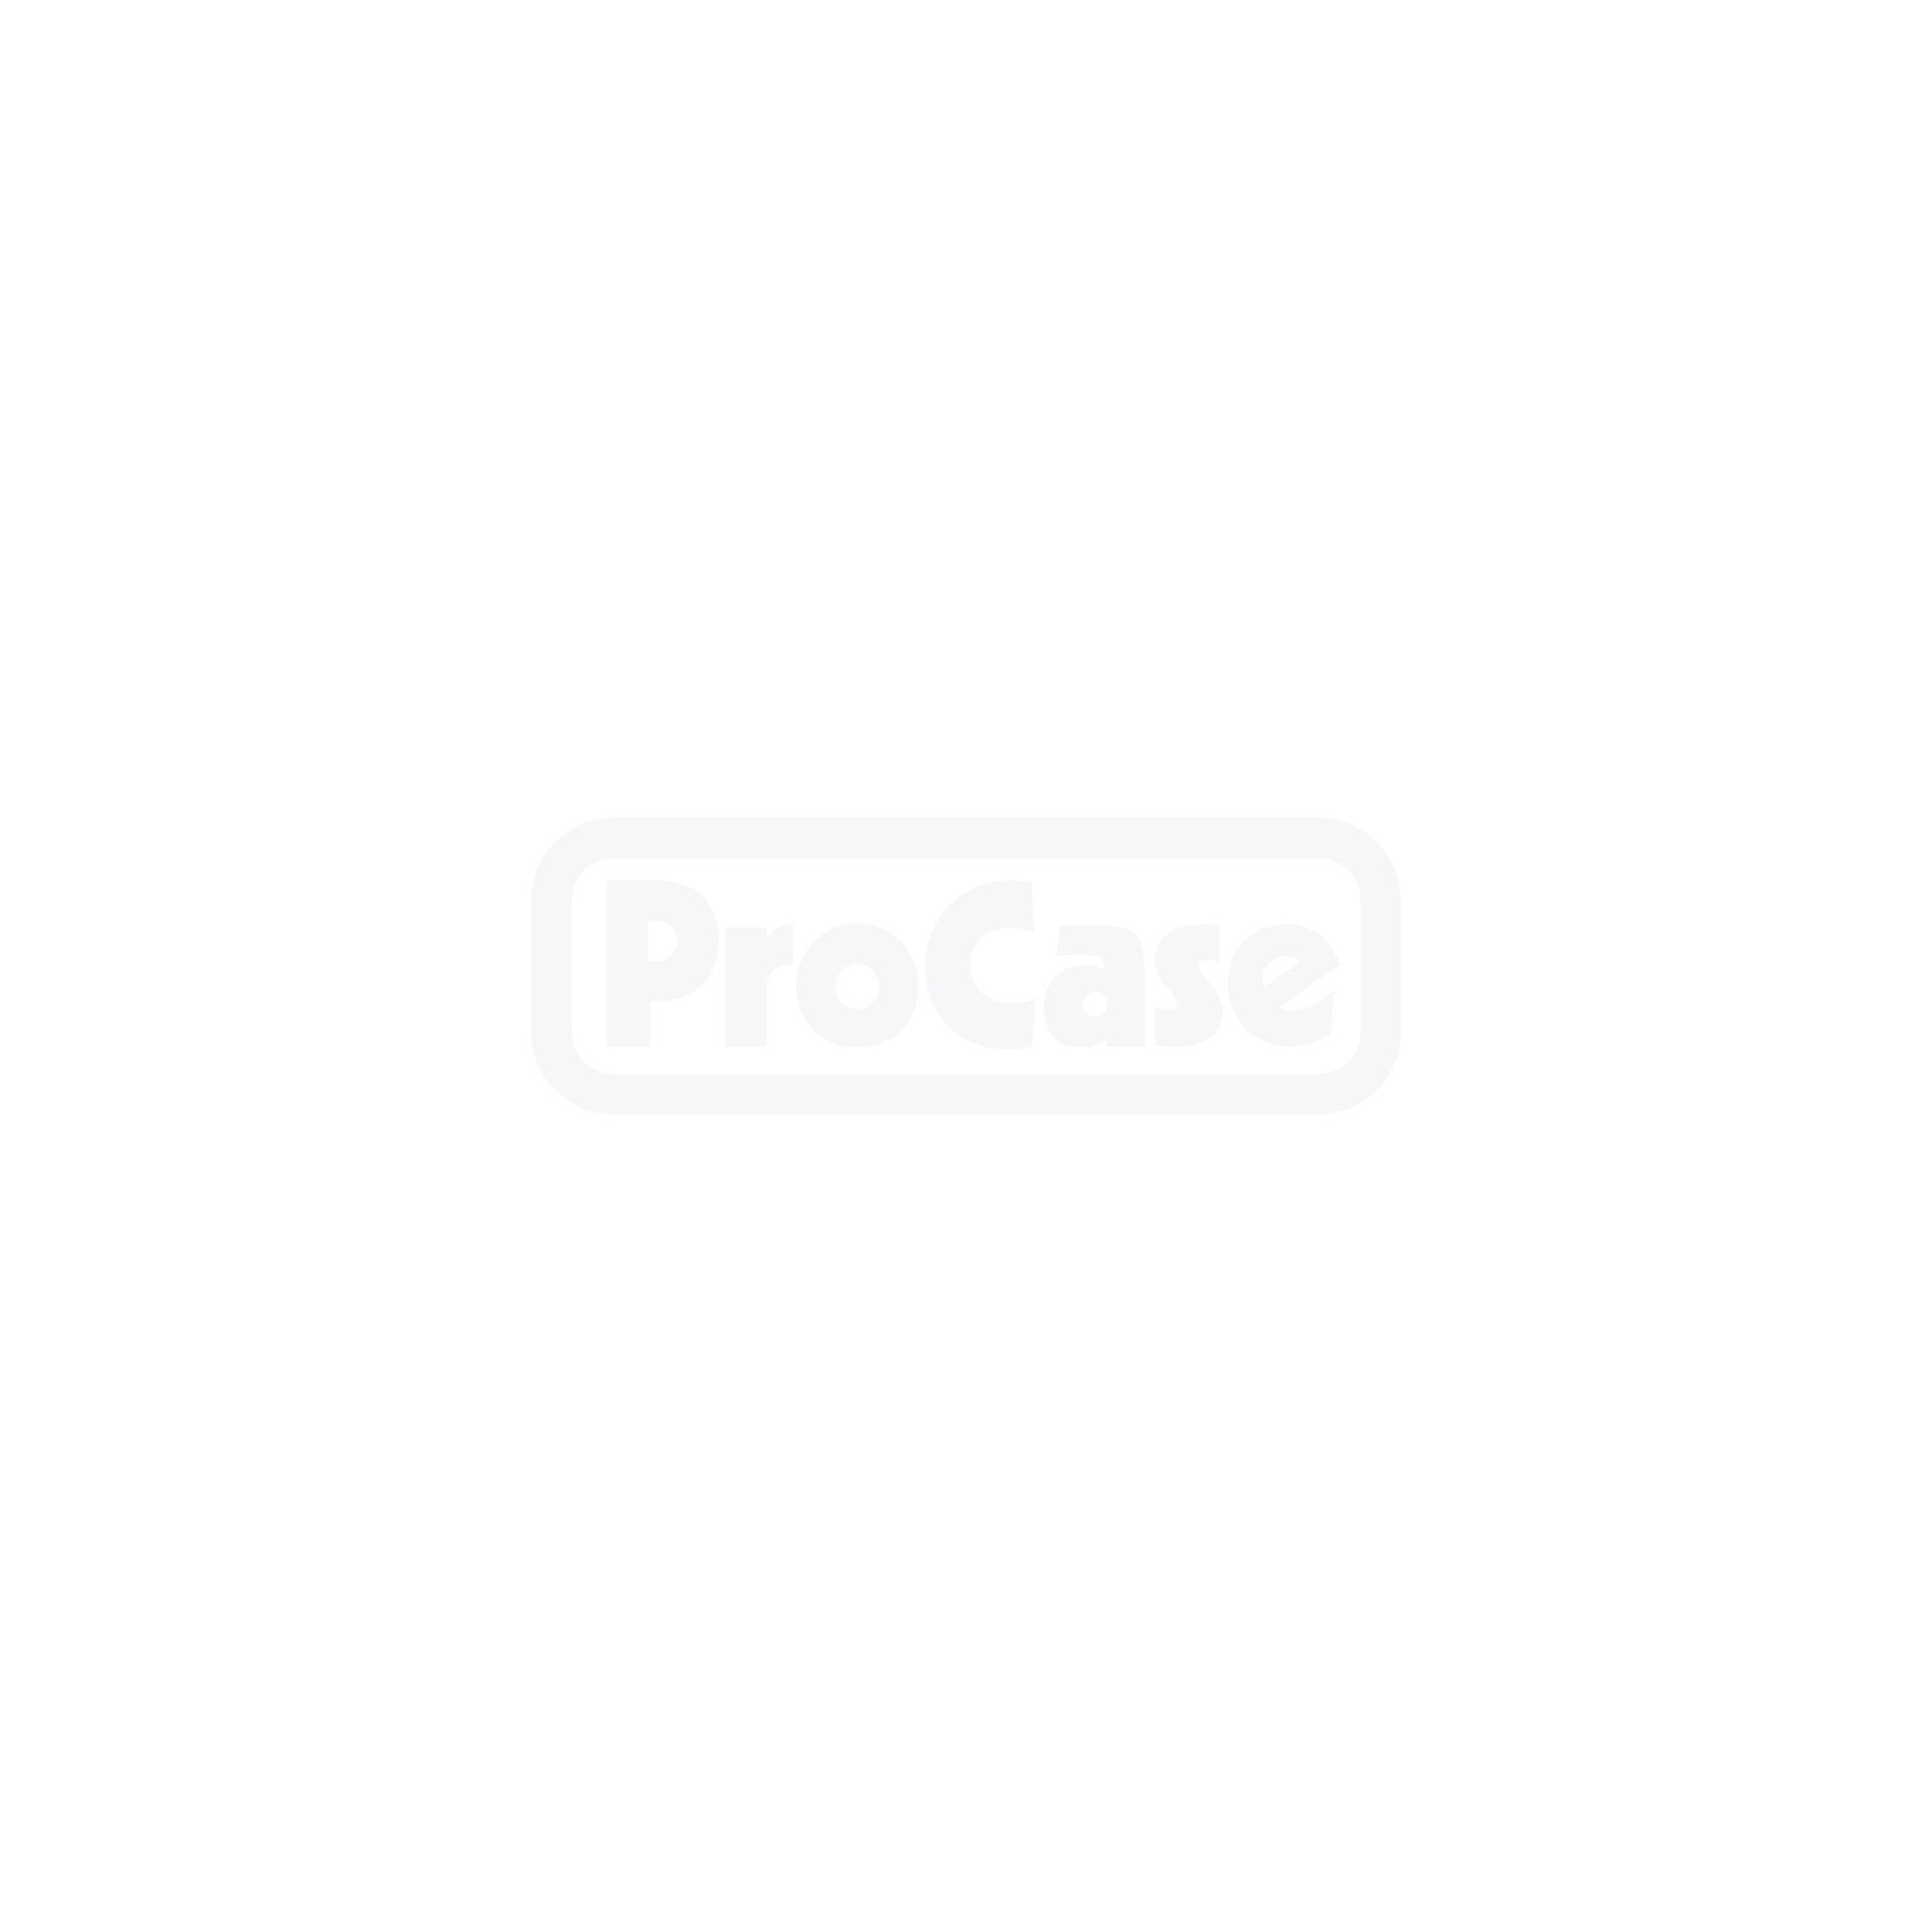 Flightcase für Eiki LC-HDT700 mit Objektivüberstand bis 100mm 2